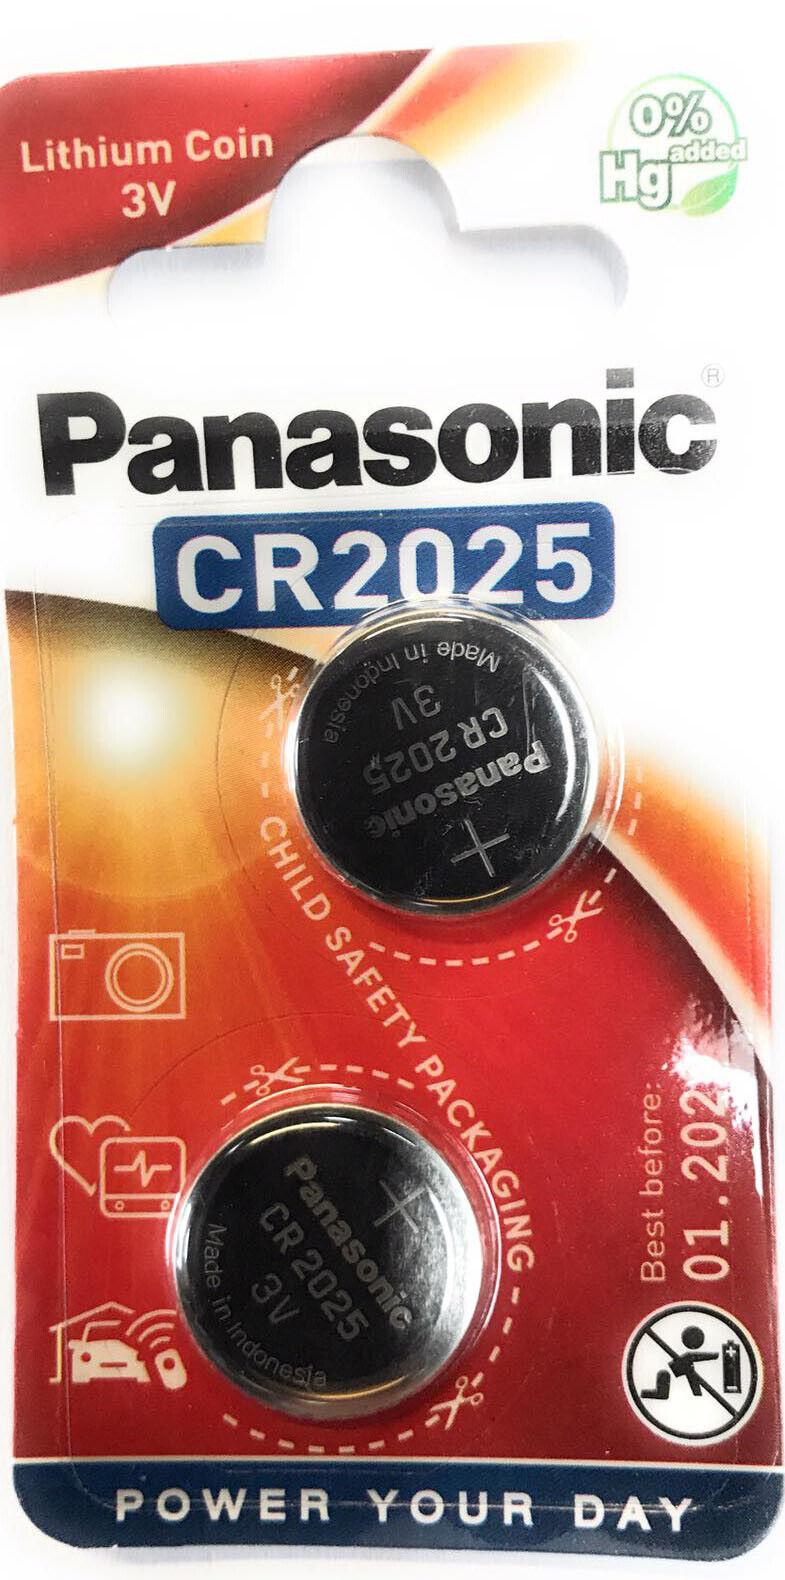 24 x Panasonic CR 2025 3V 4 x 6er Blister Batterie Lithium Knopfzelle 165mAh